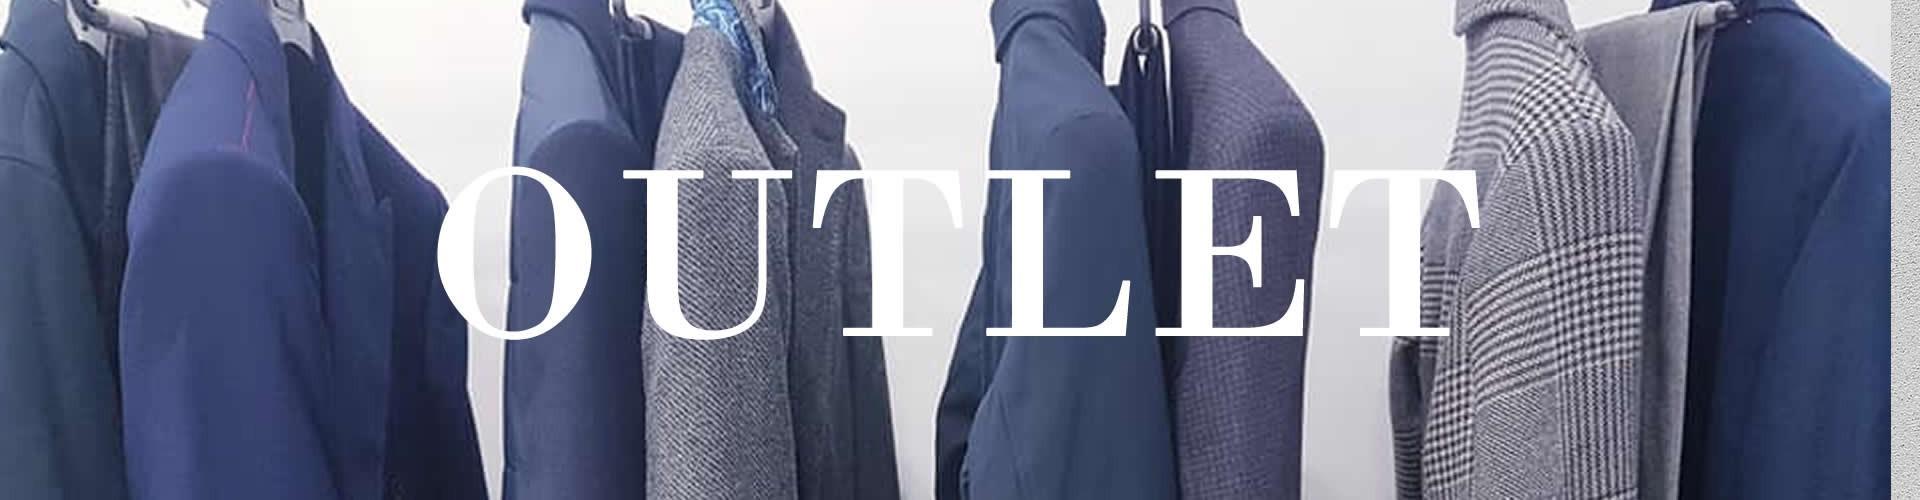 Outlet de ropa italiana para hombre